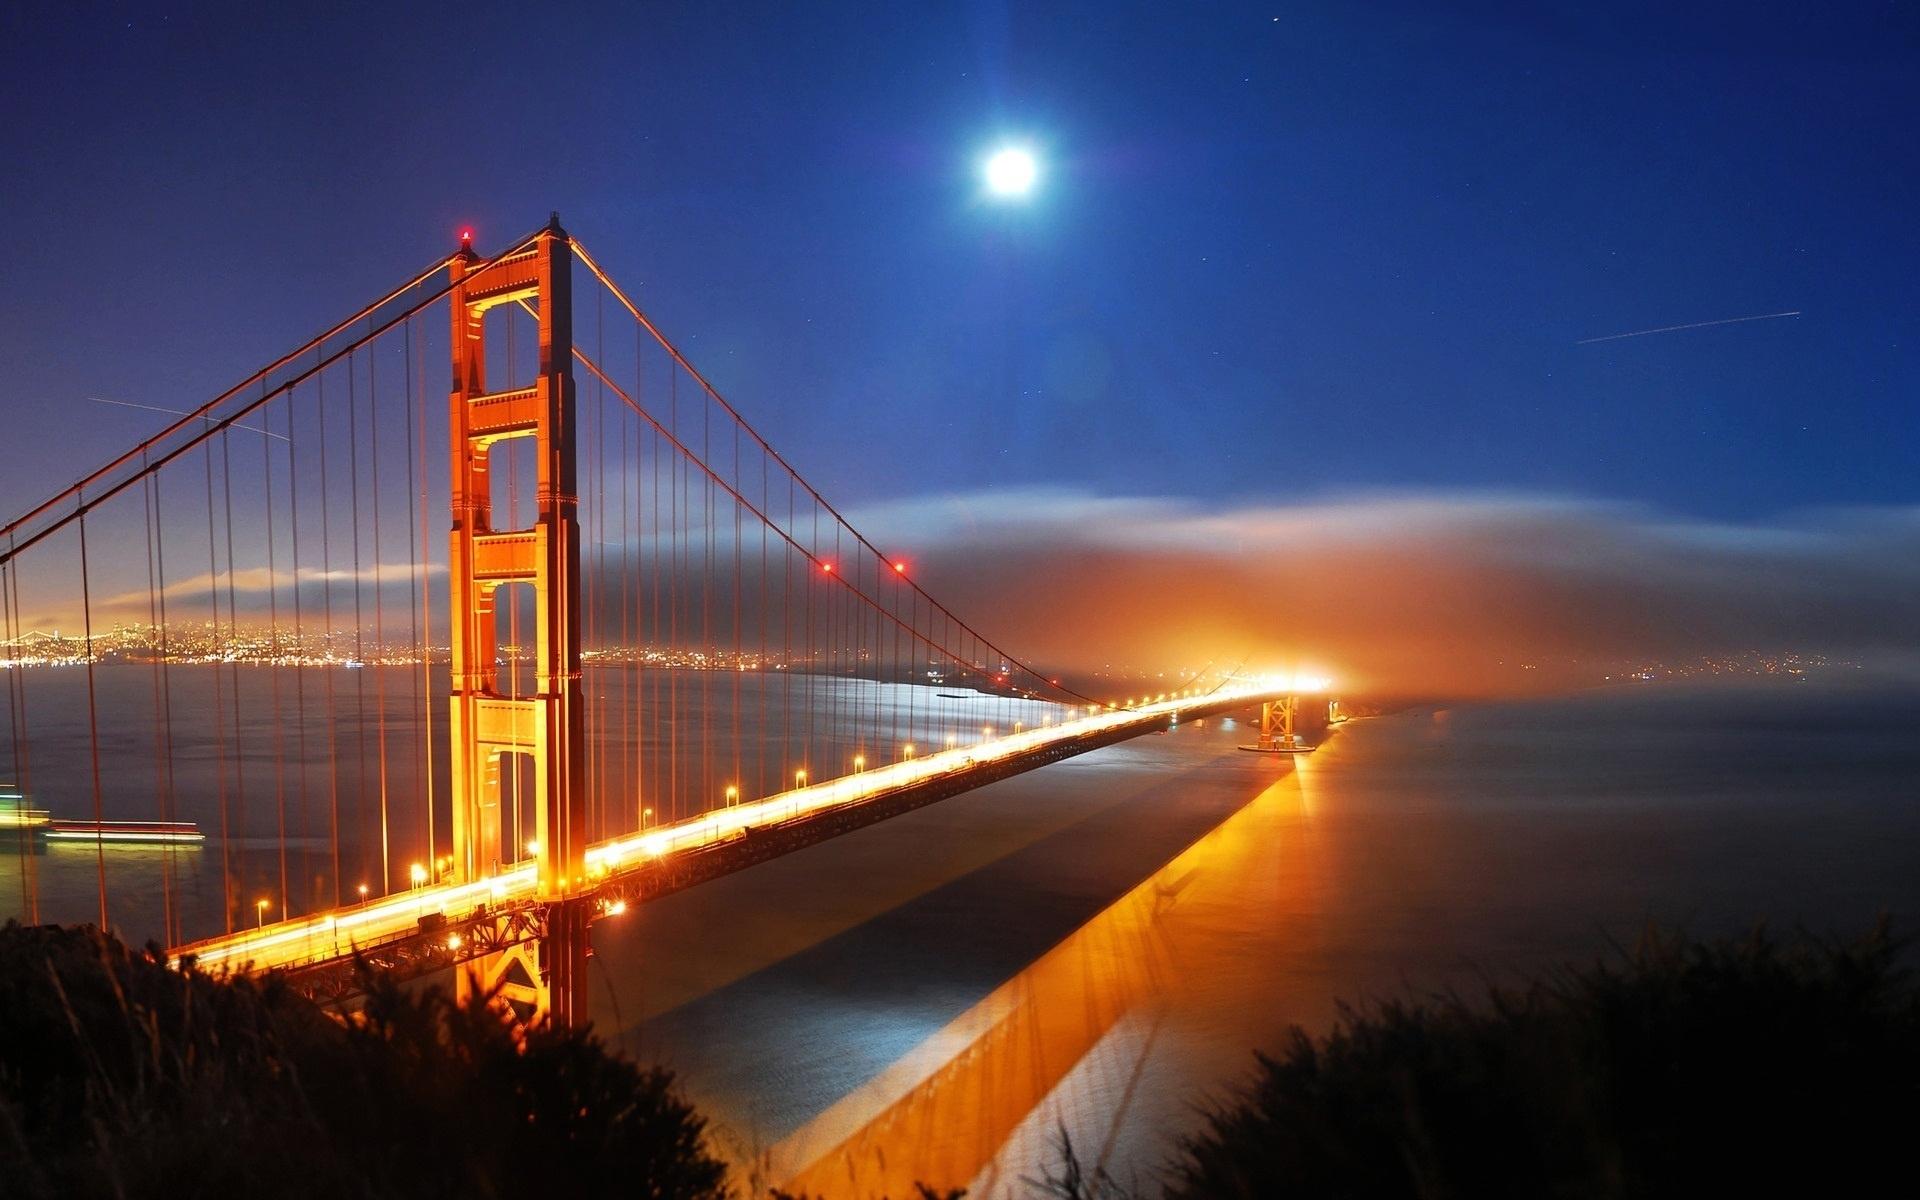 29756 économiseurs d'écran et fonds d'écran Bridges sur votre téléphone. Téléchargez Paysage, Bridges, L'architecture images gratuitement